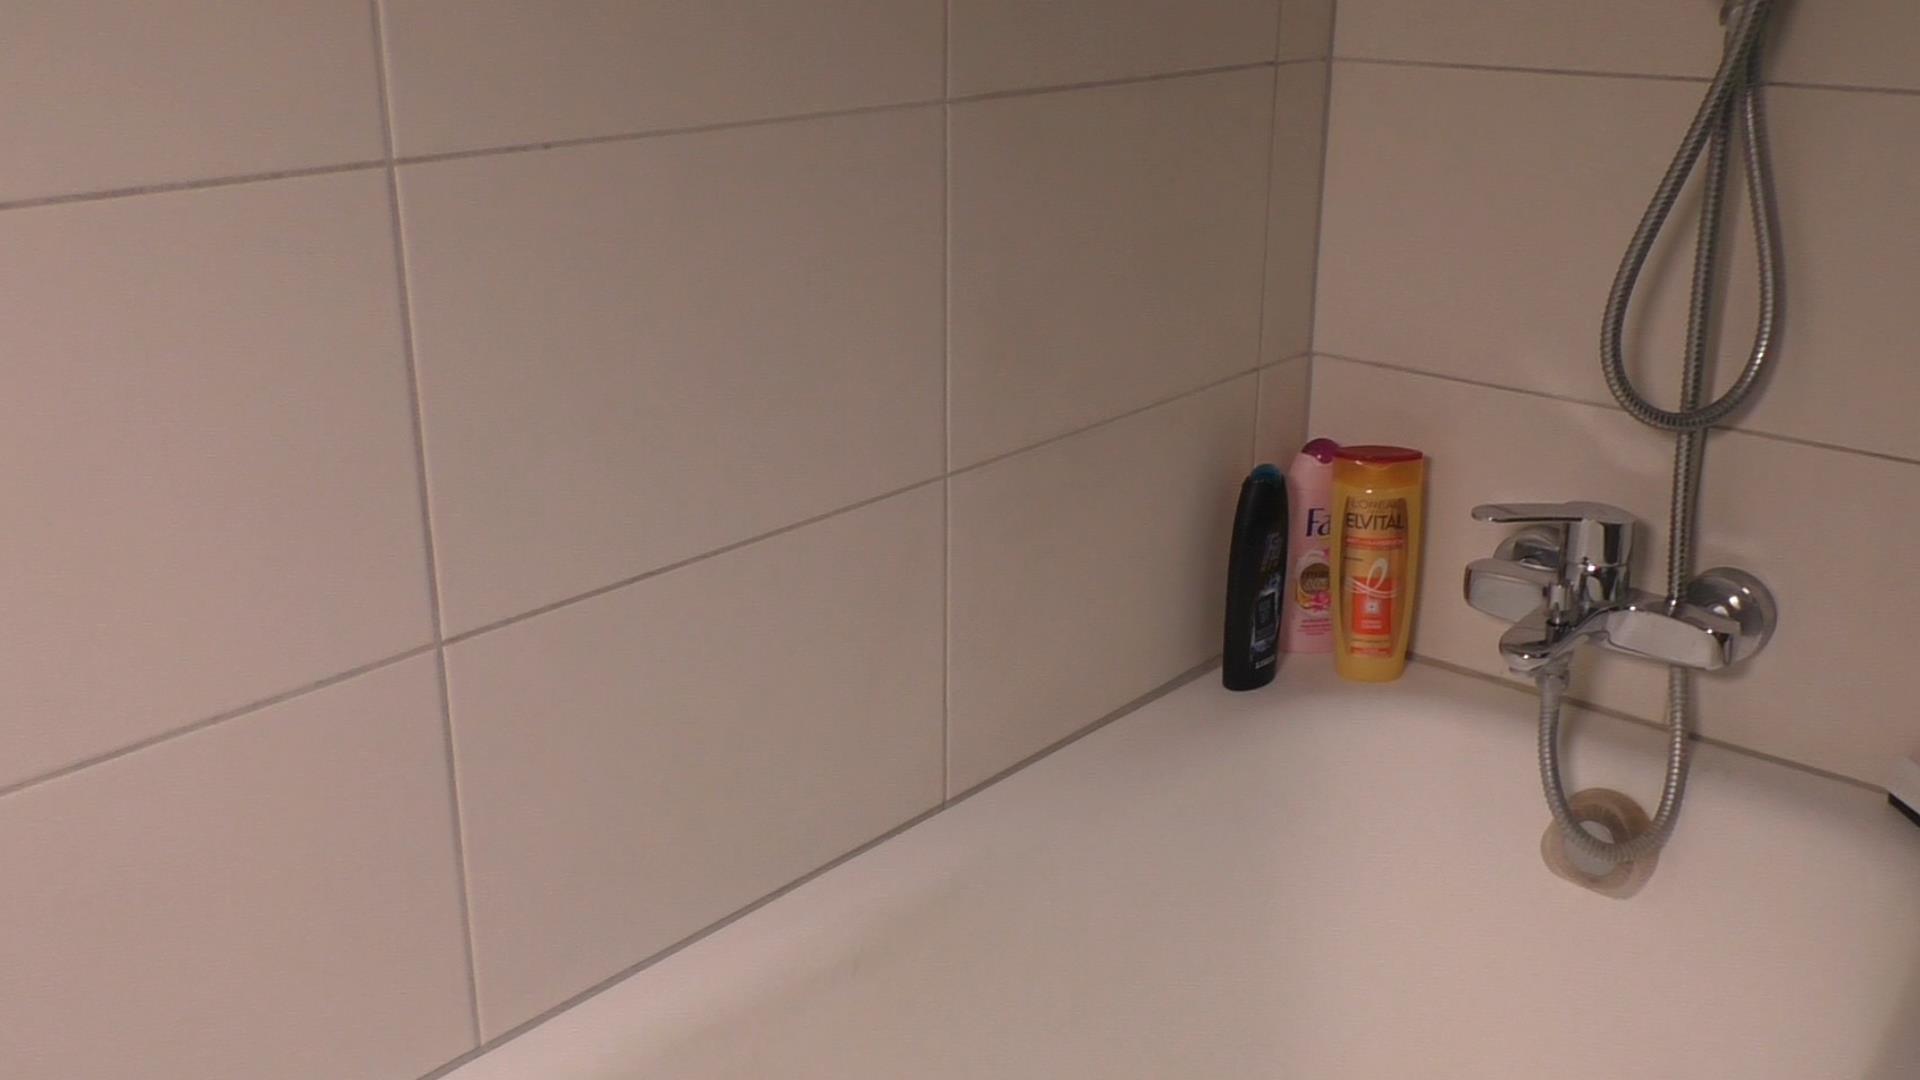 Badezimmer Putztrick - Dusche & Bad mit Fliesen umweltfreundlich